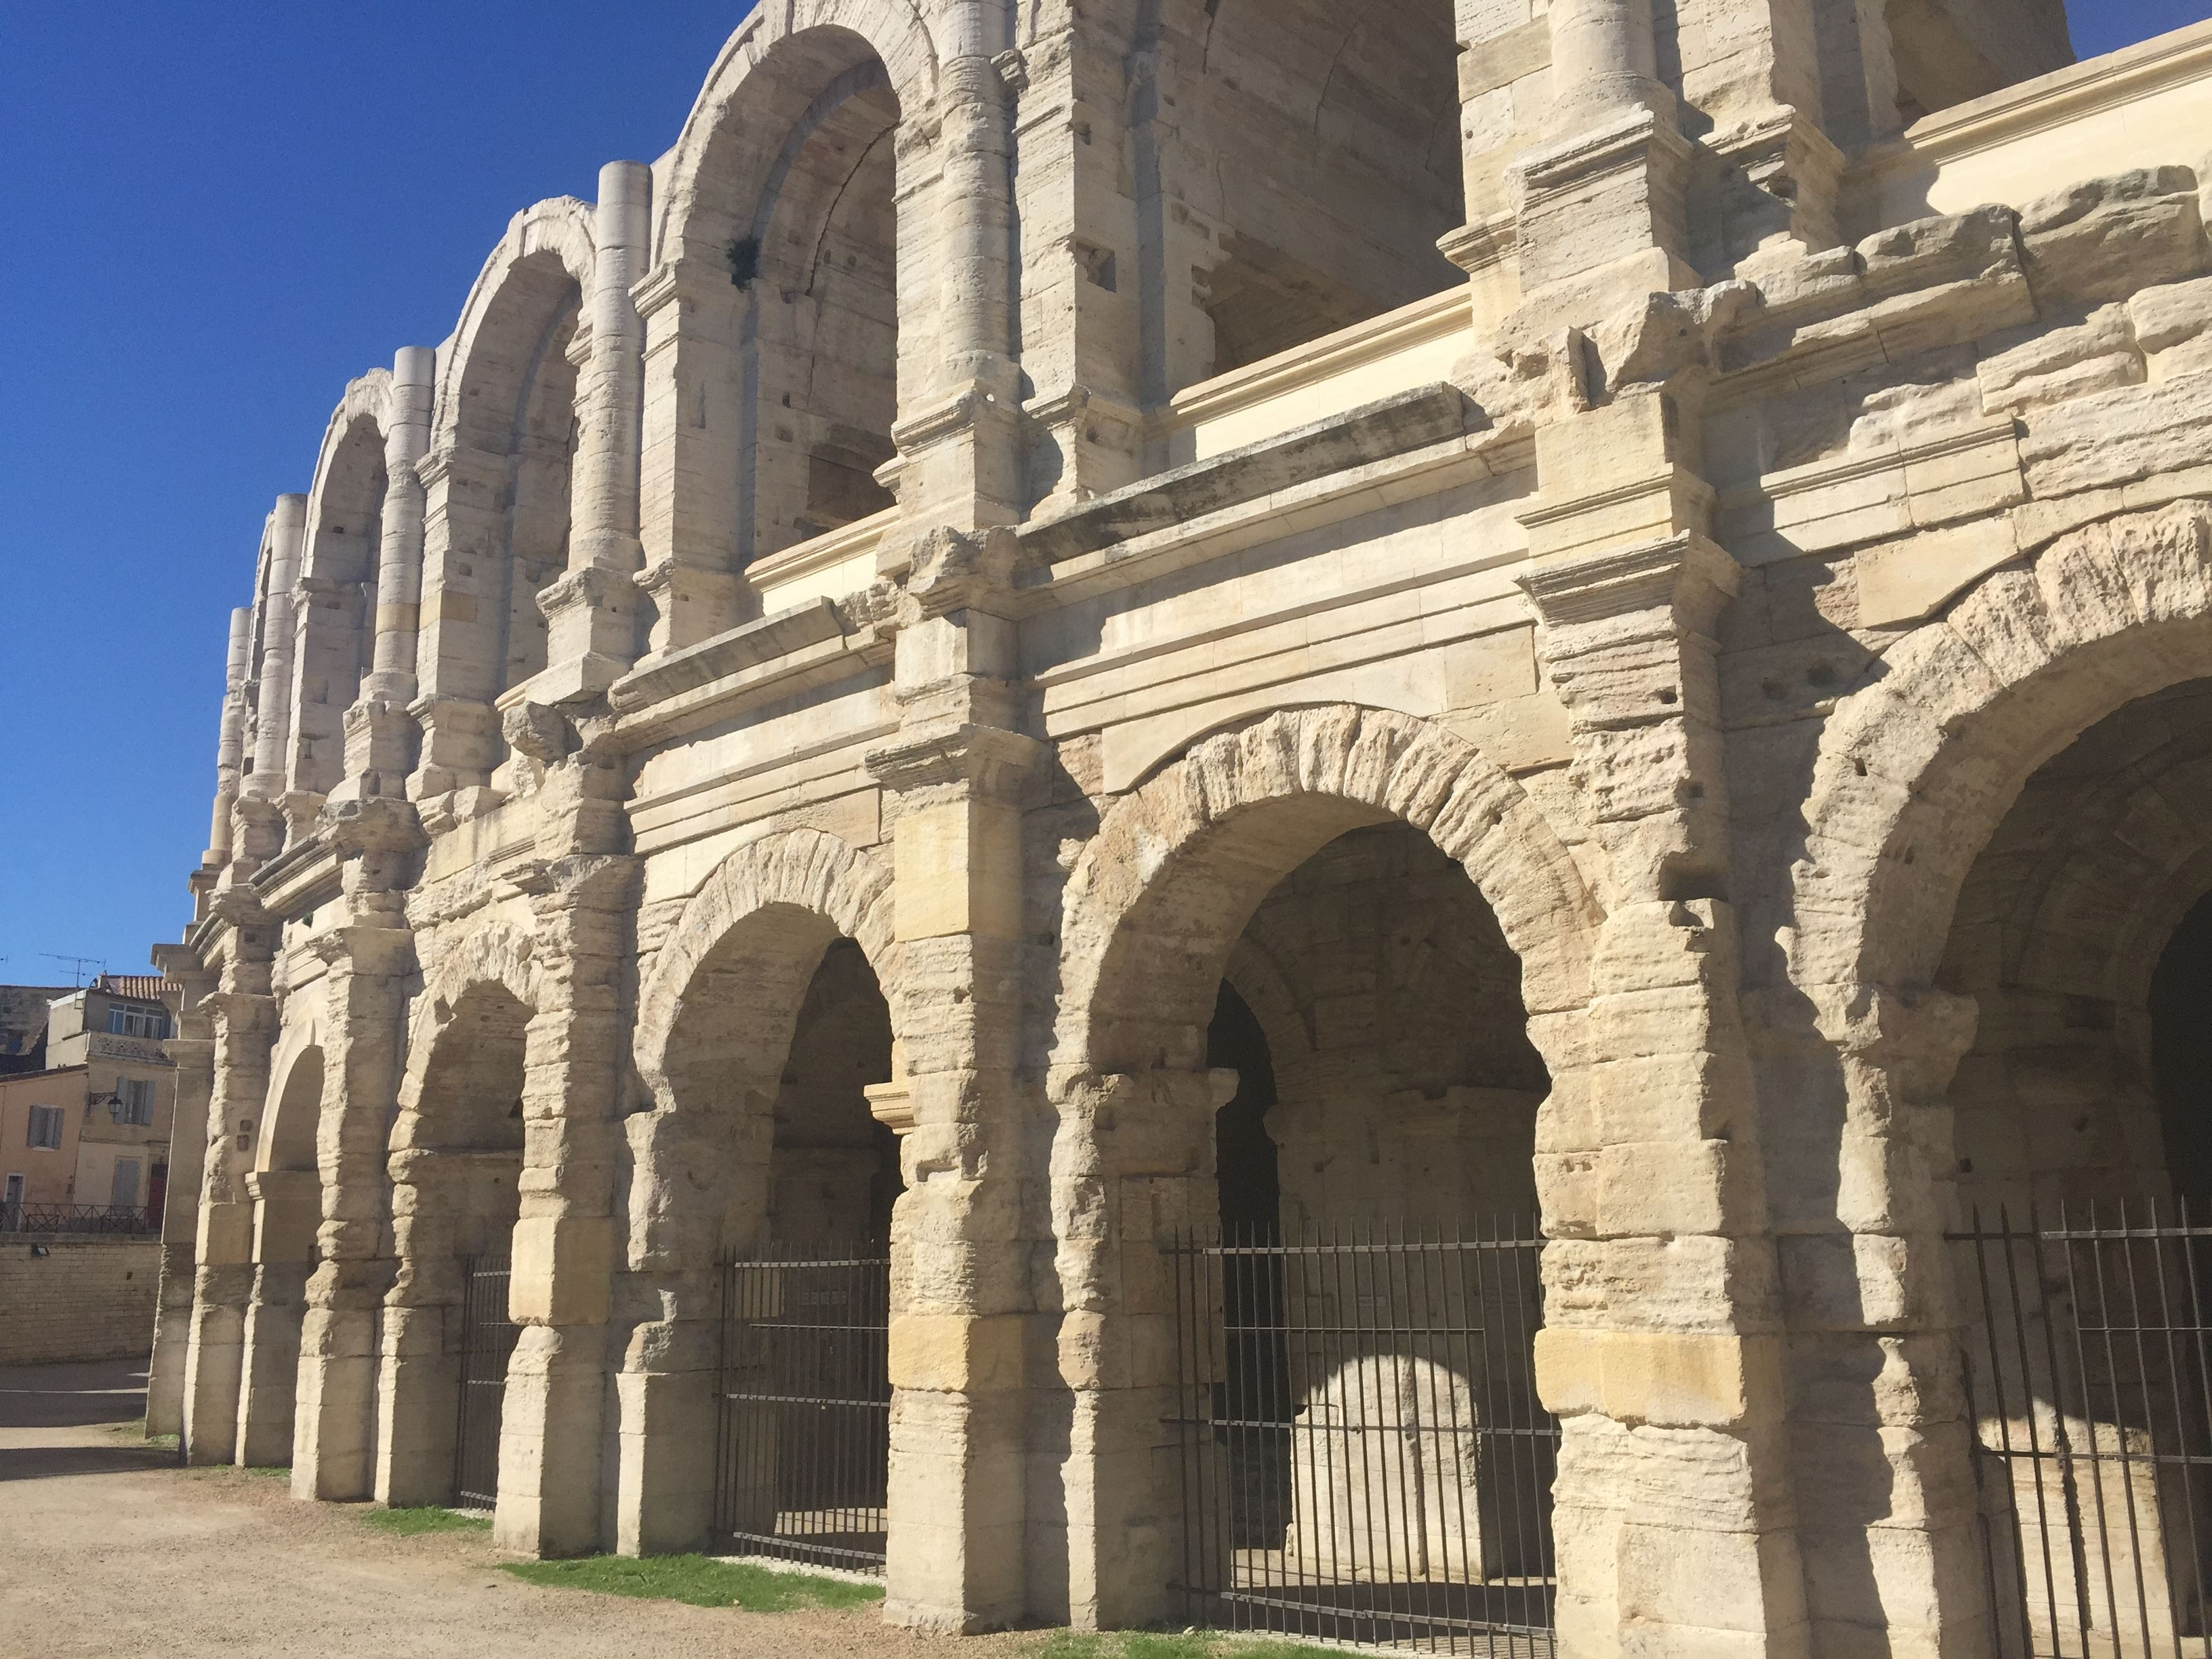 Baux de Provence, Arles, Pont du Gard and Avignon